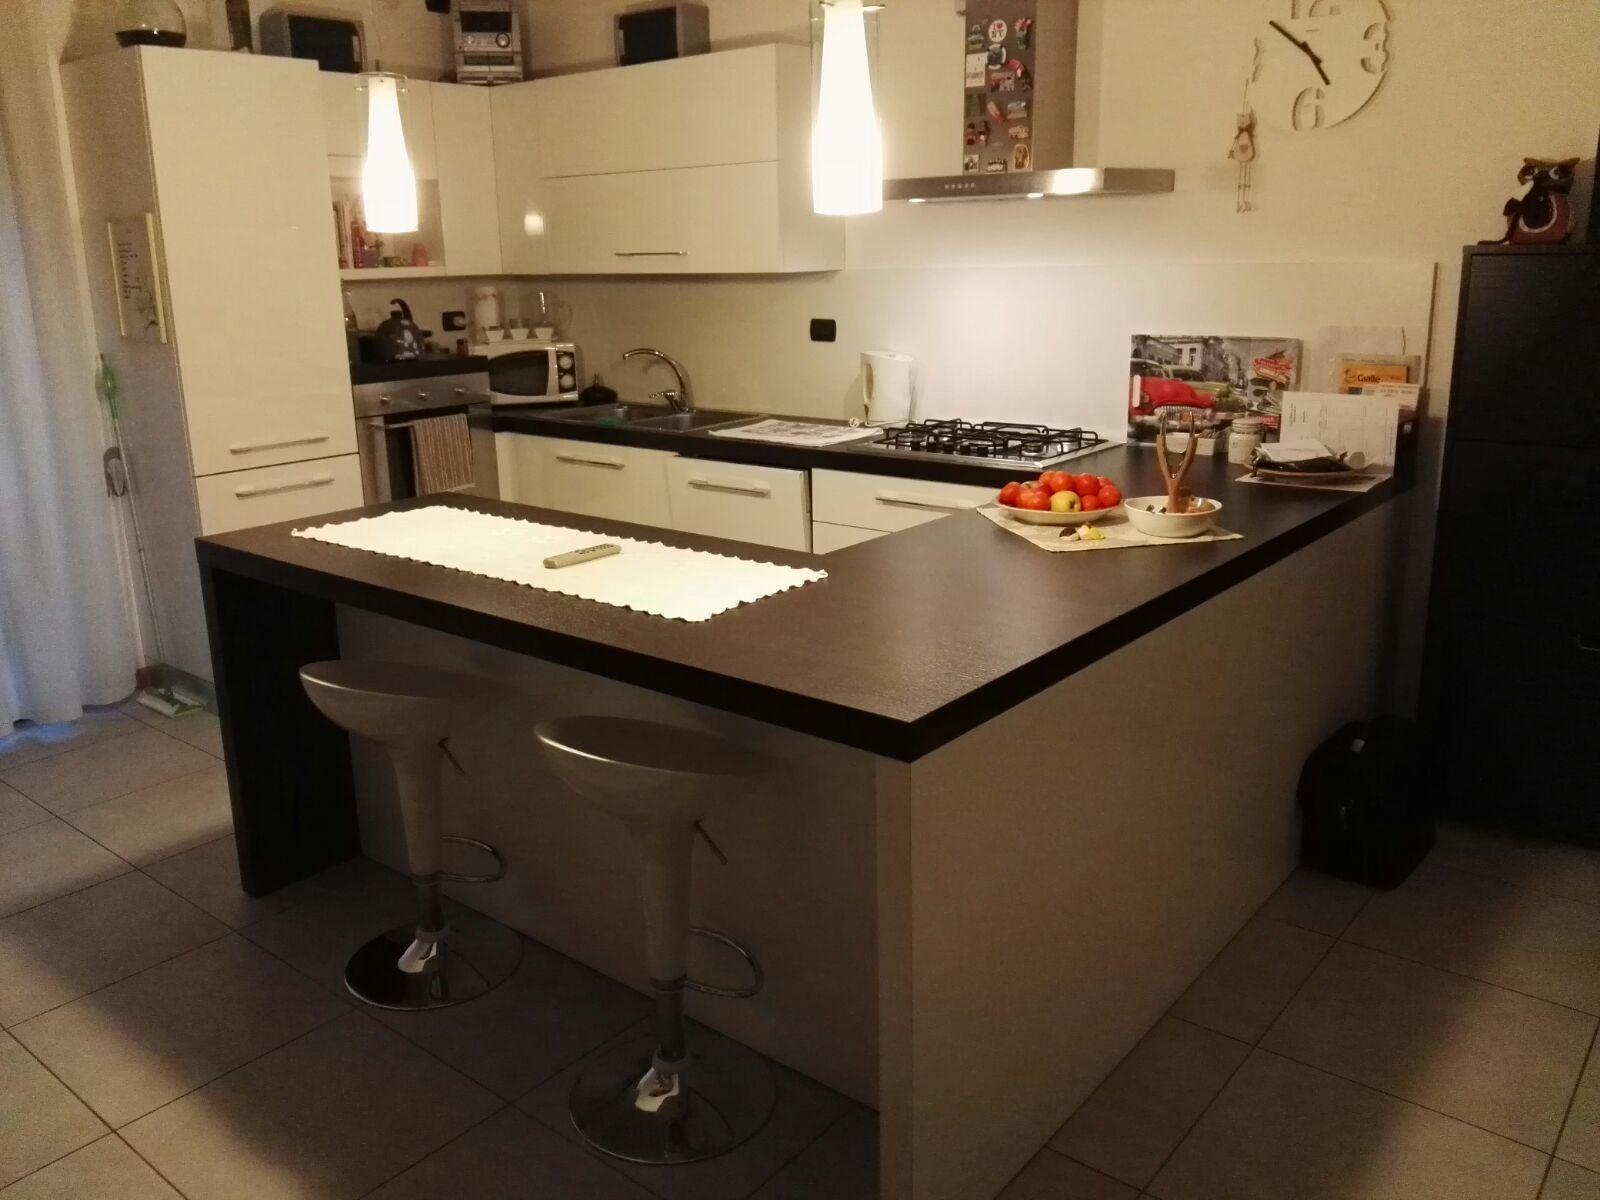 Casa dolce casa arredamenti offerte e promozioni for Turco arredamenti offerte